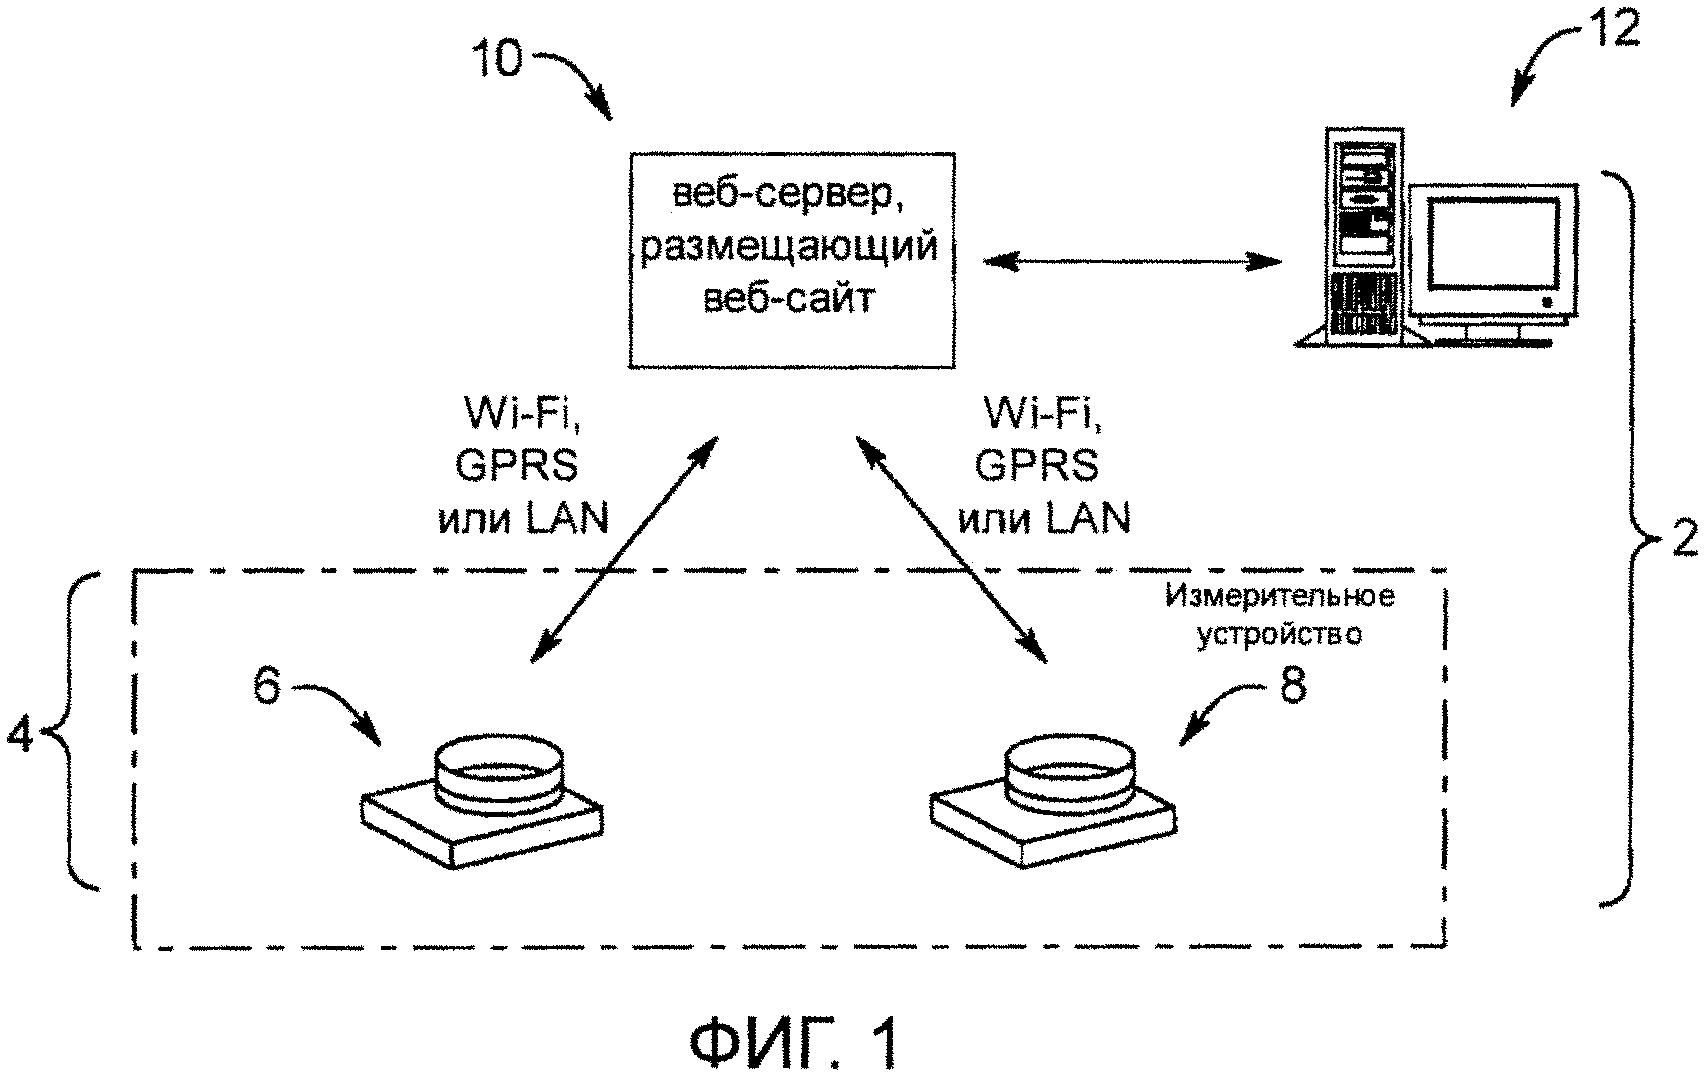 Способы и системы сбора удалённых данных в режиме реального времени